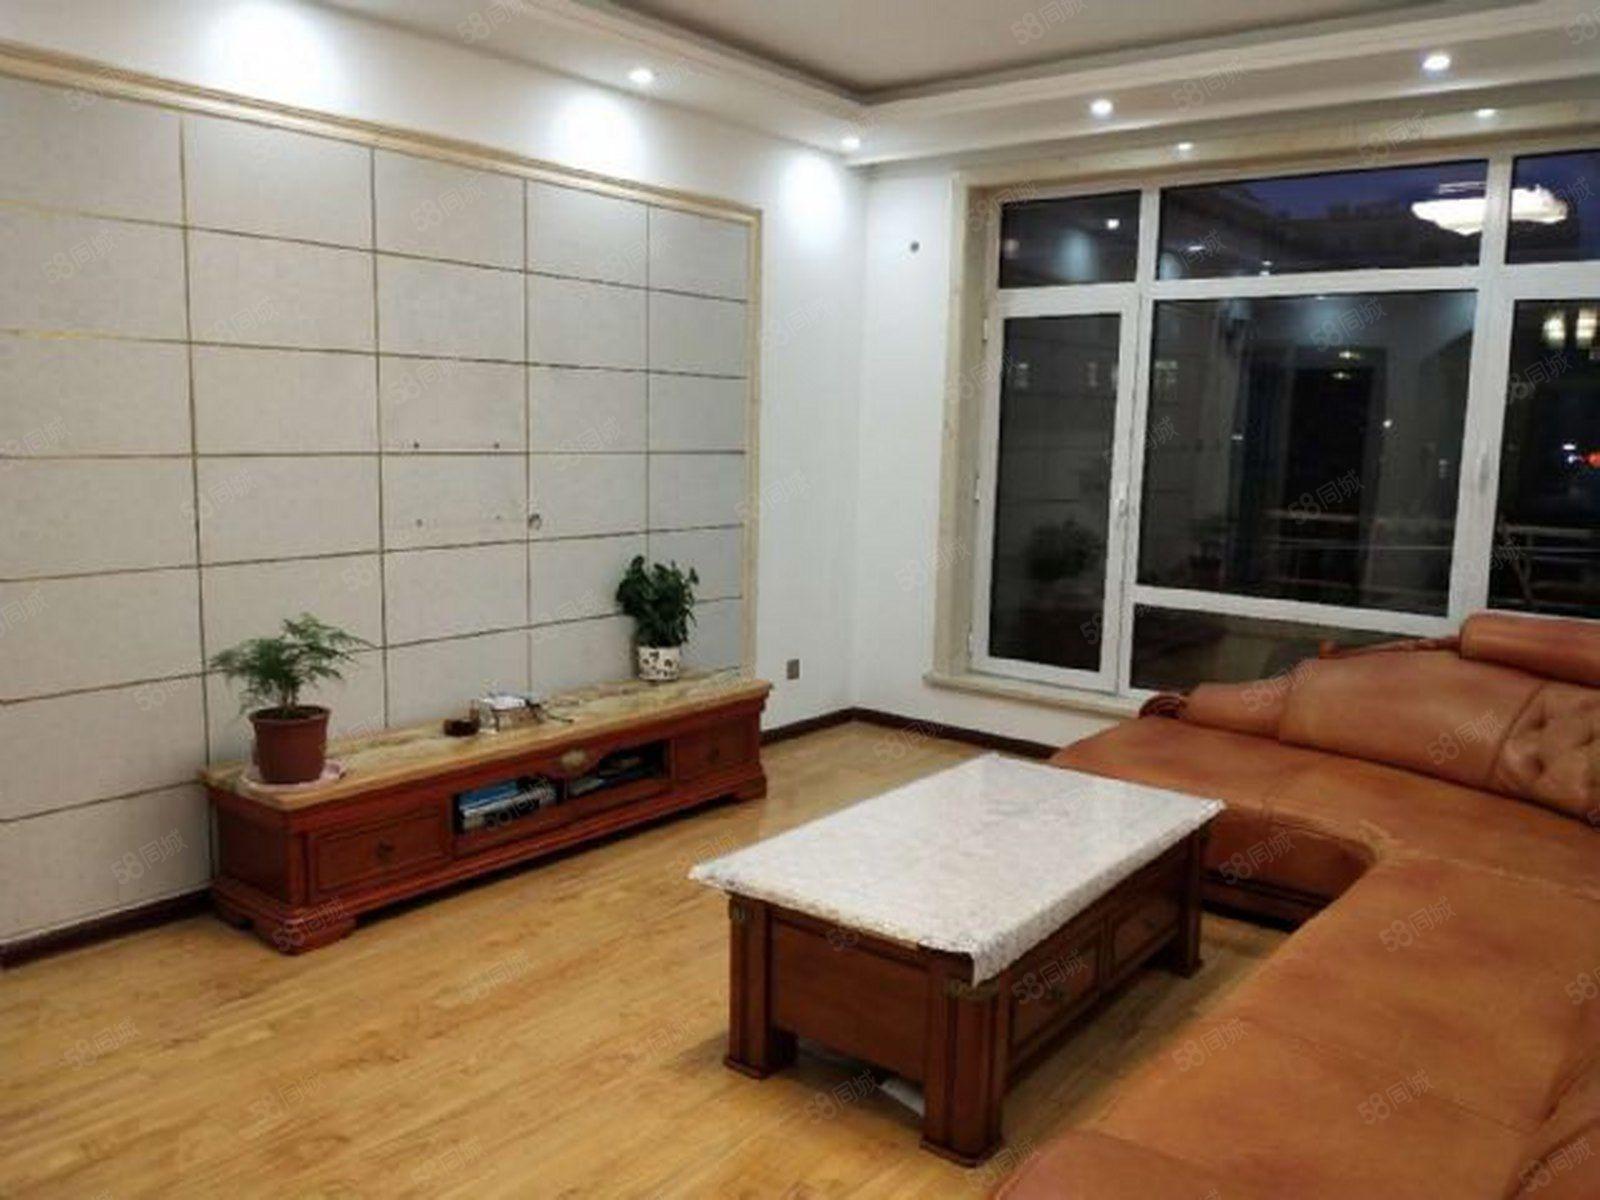 小区中间位置前后大阳台,餐厨并列侧卫五明户型,卫生间干湿分离